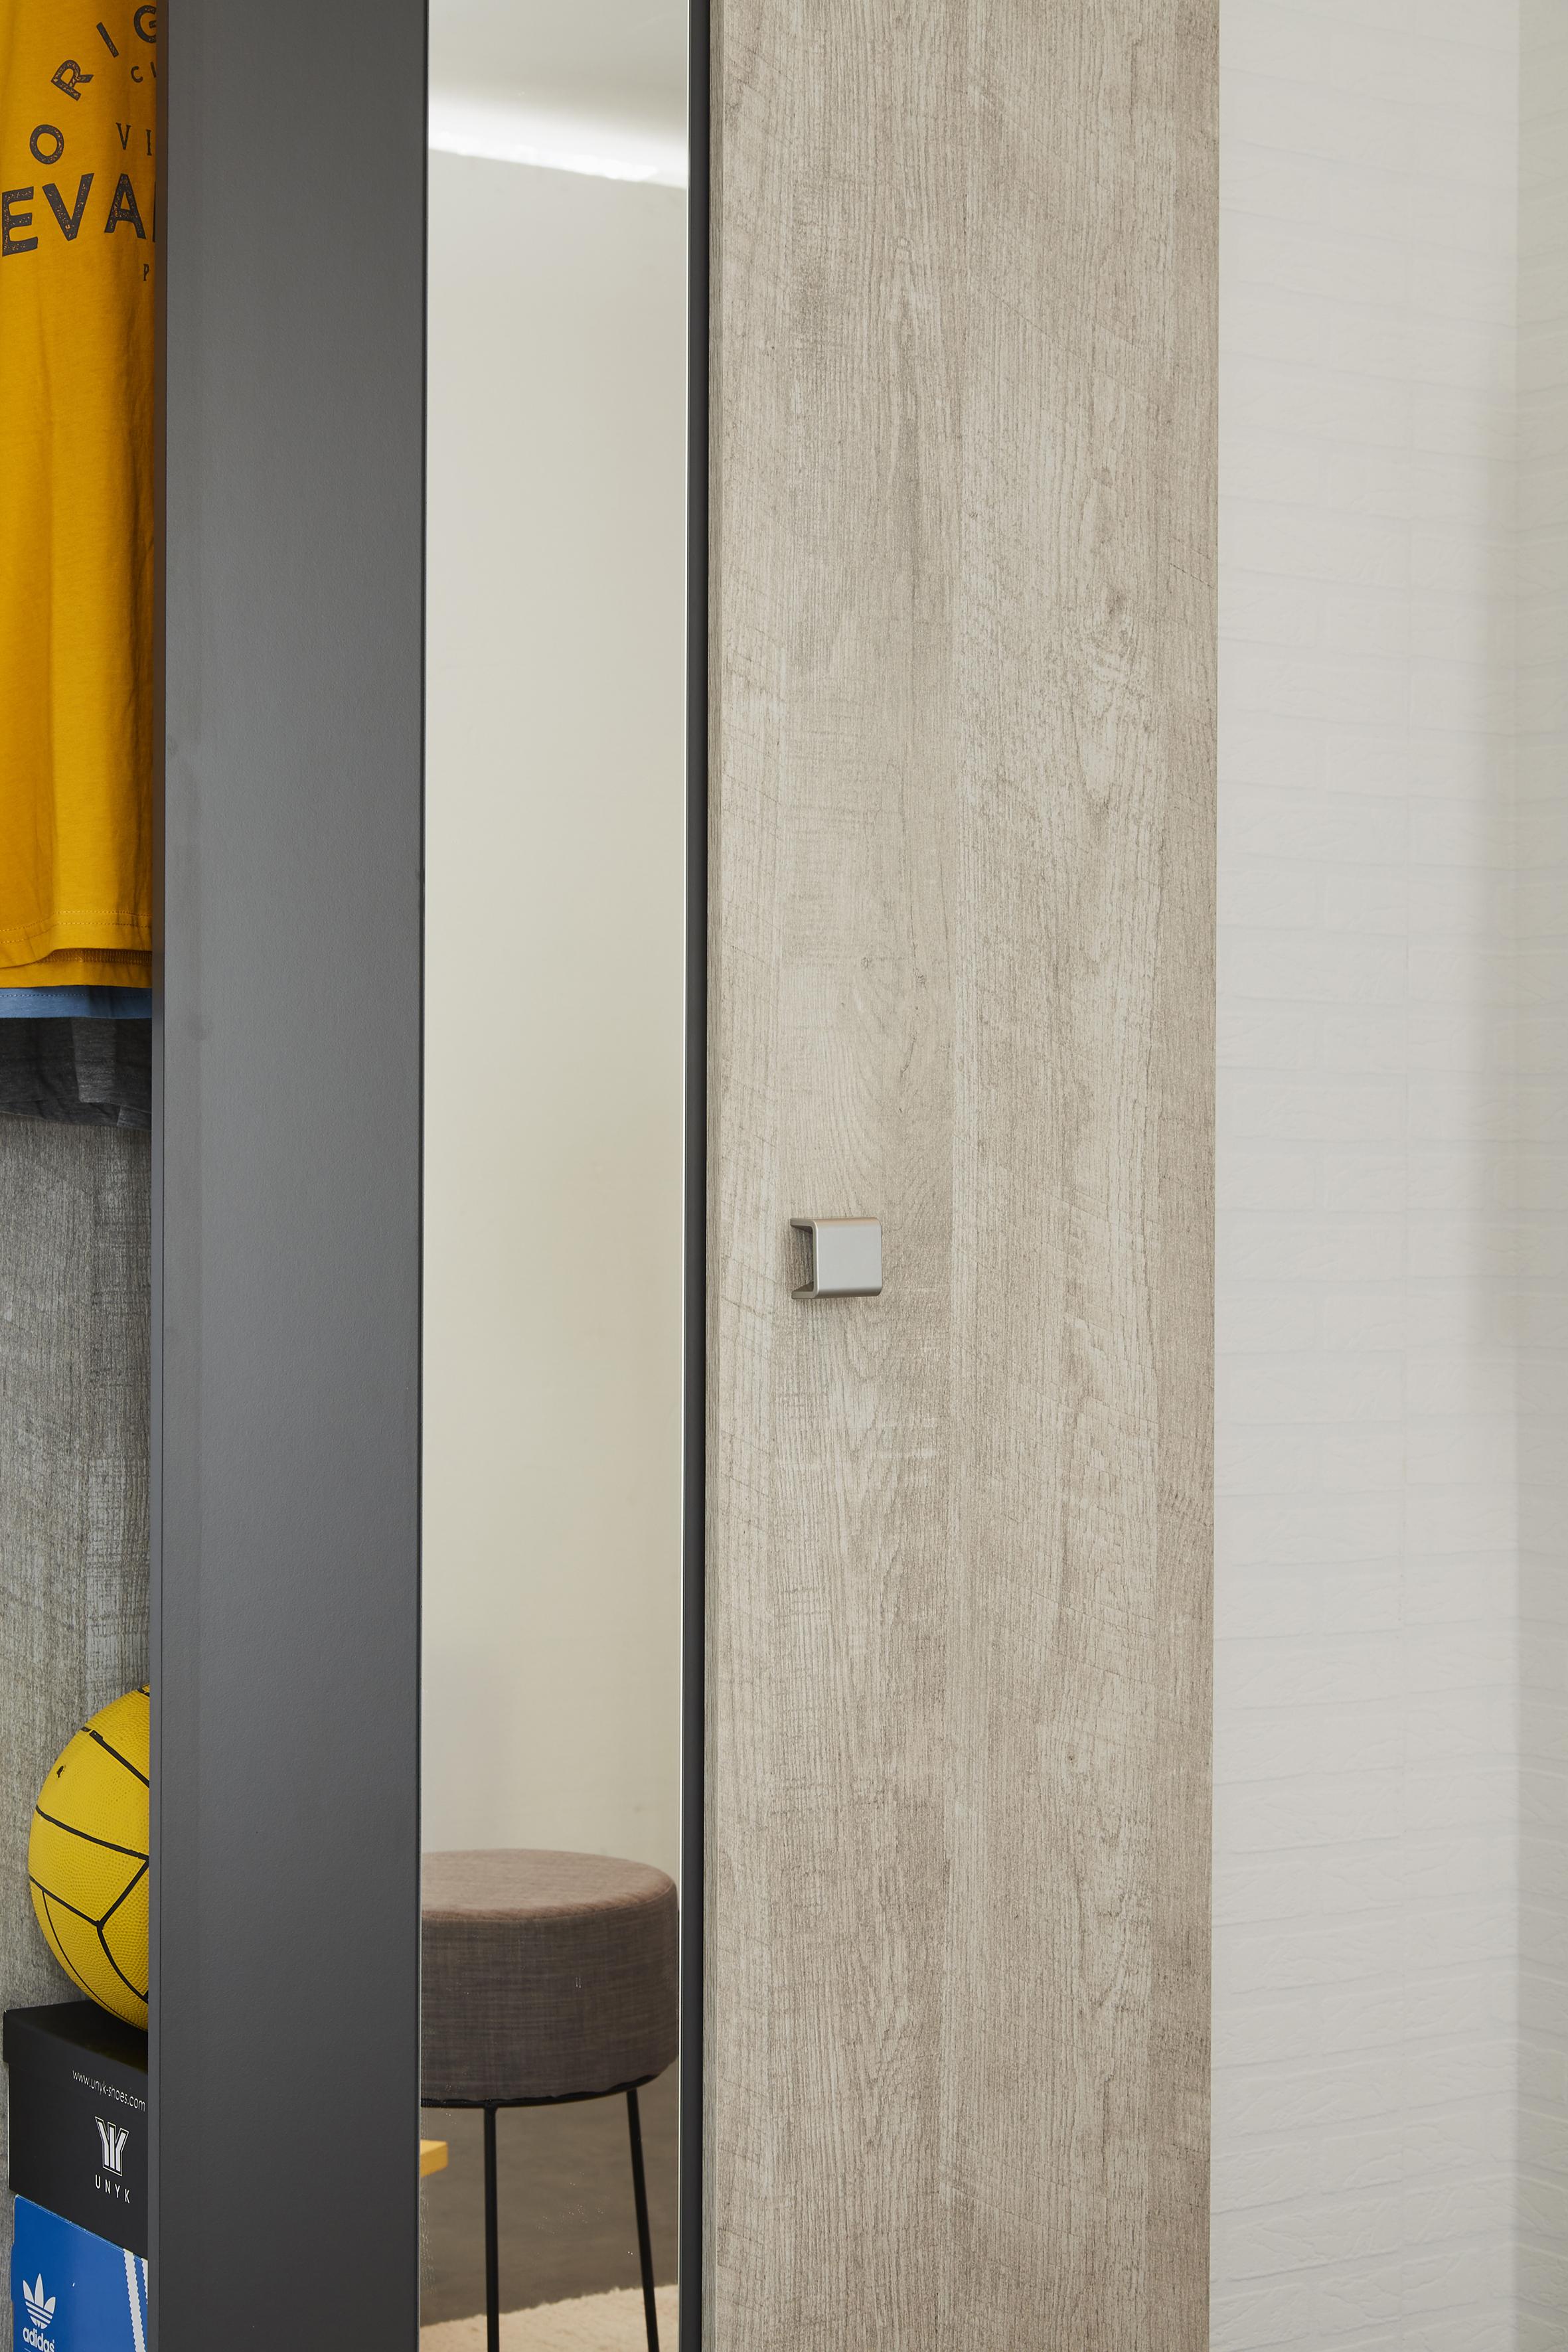 Schuhschrank inkl spiegel u drehbarem regal sneaker von - Schuhschrank groay ...